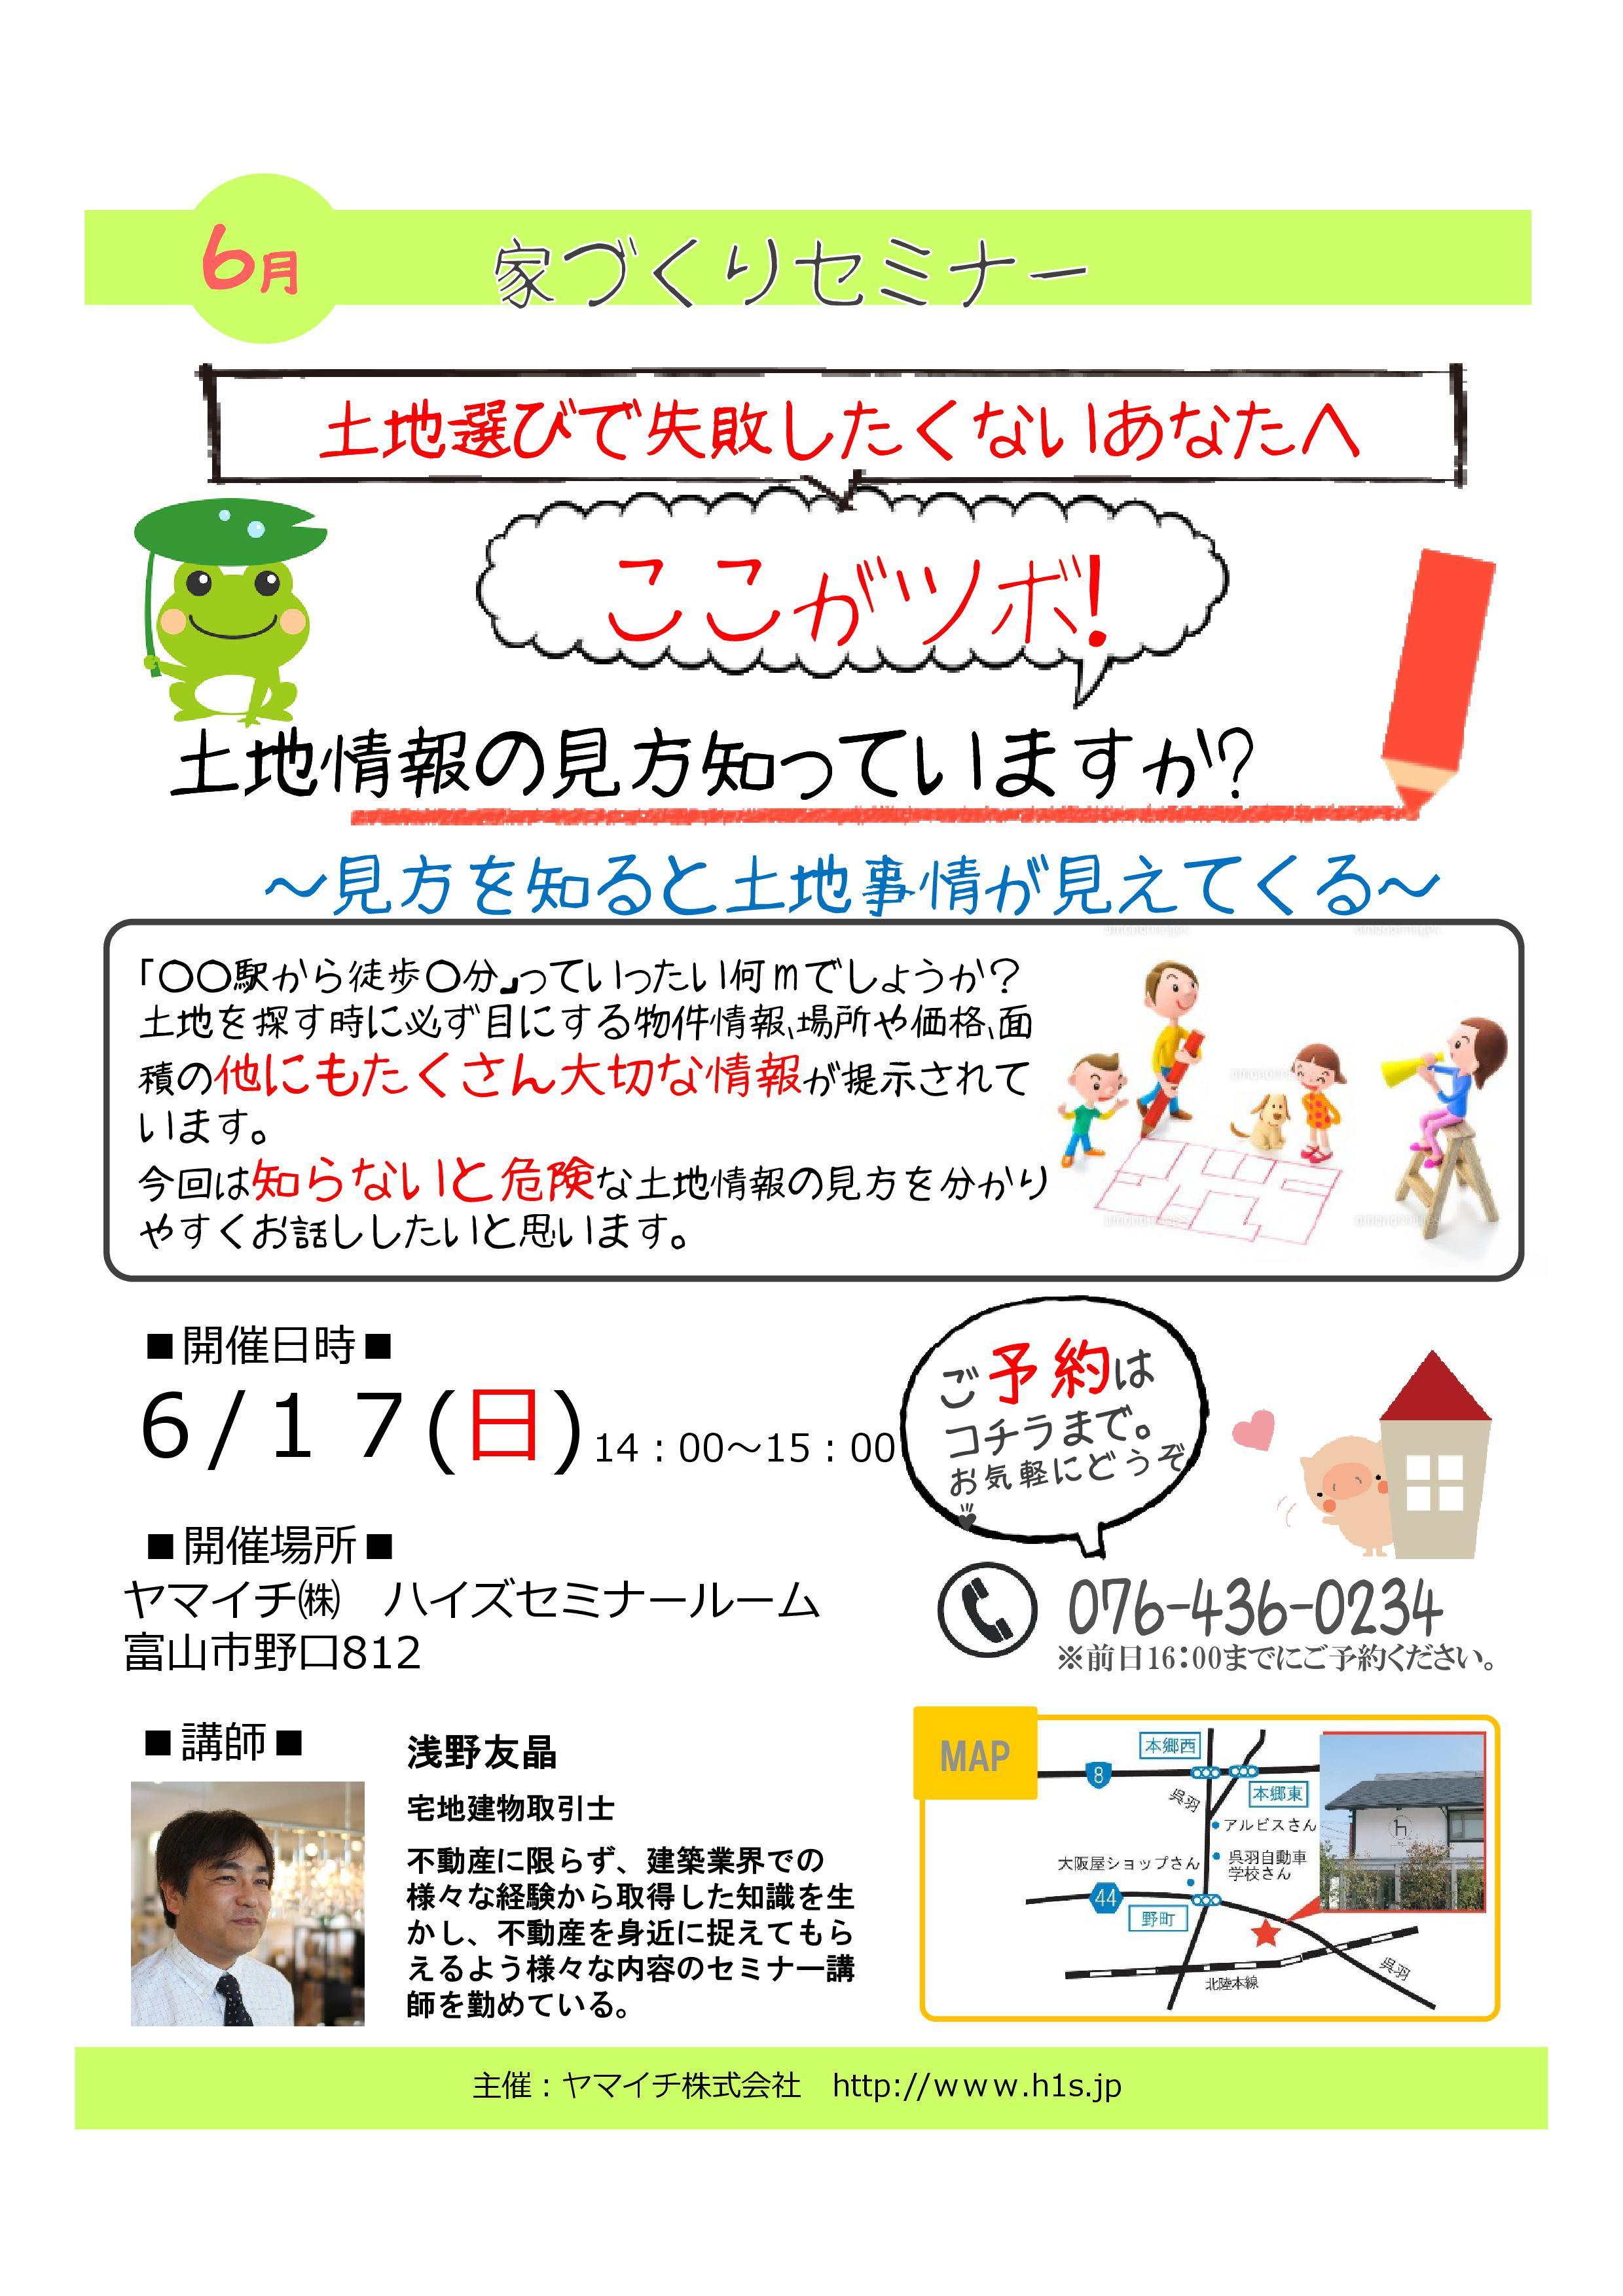 【セミナー】6/17(日)土地情報の見方を知っていますか?